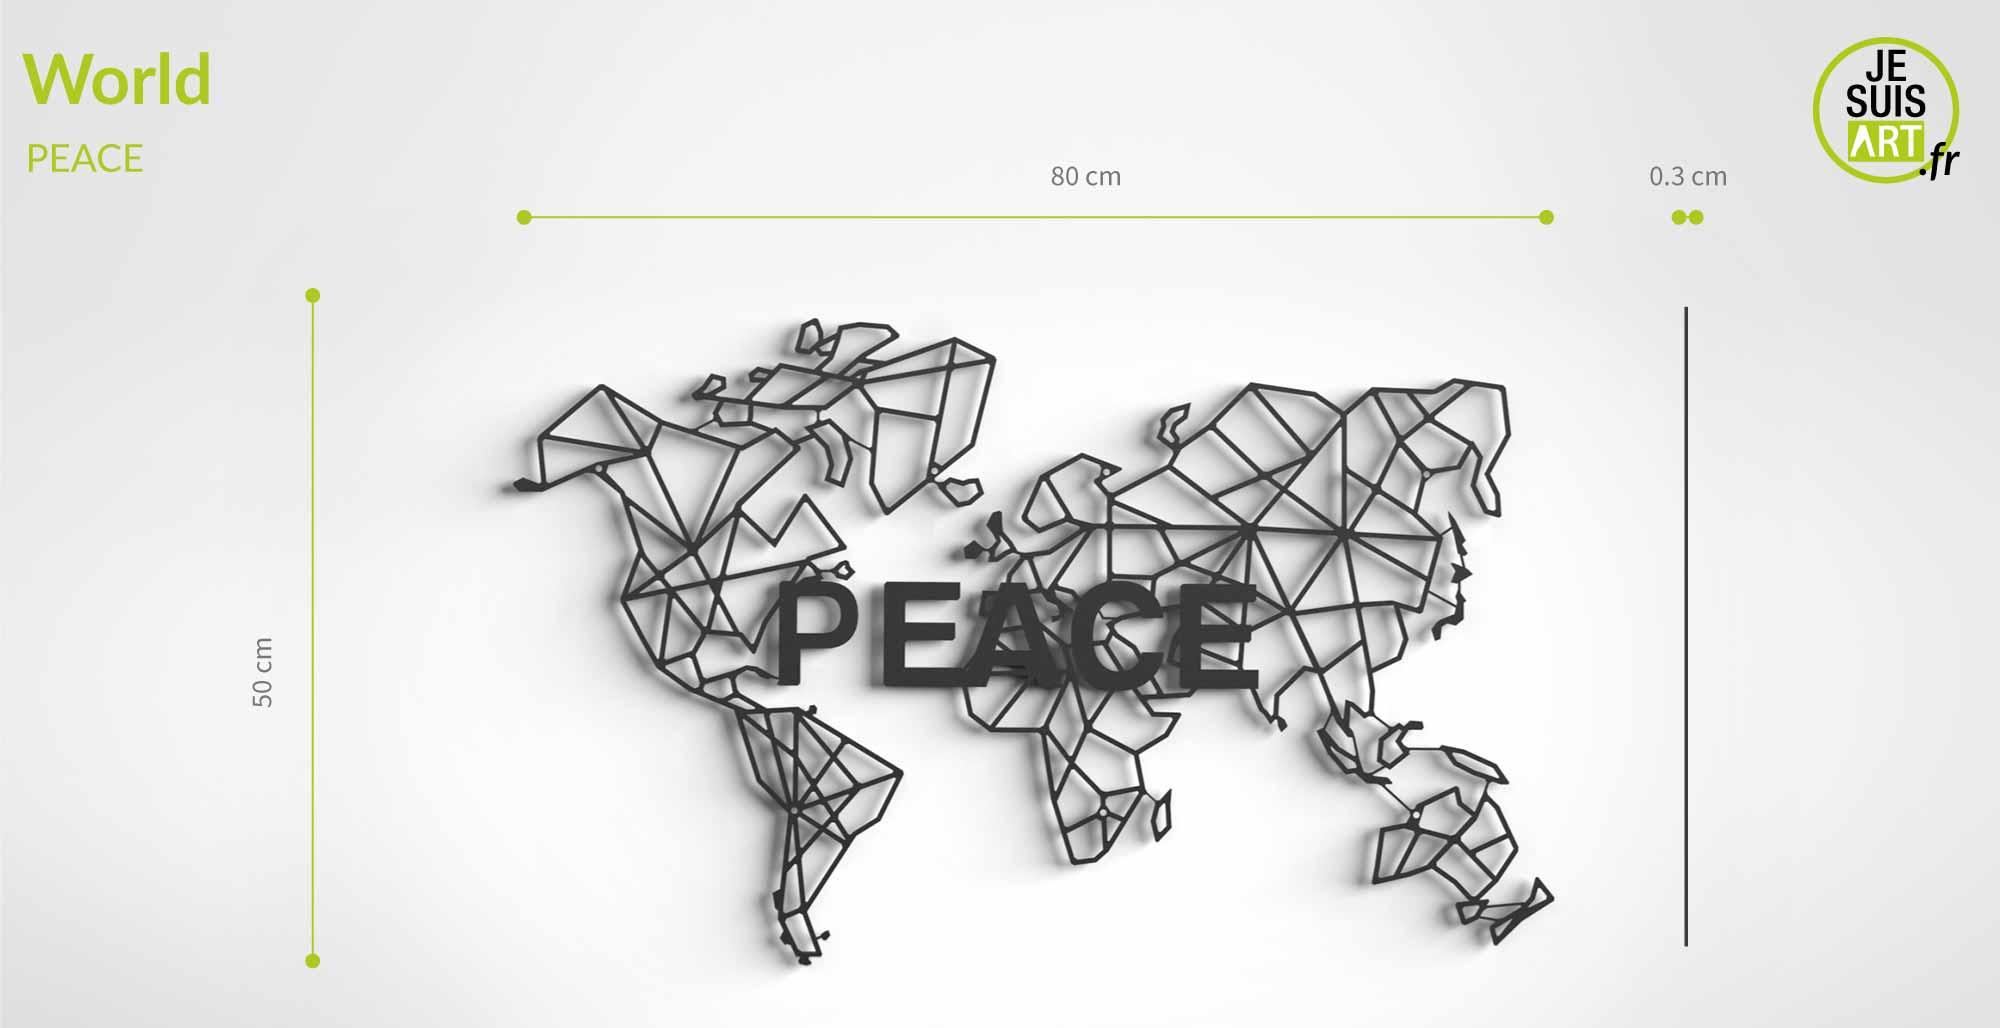 WORLD_Peace_sizes